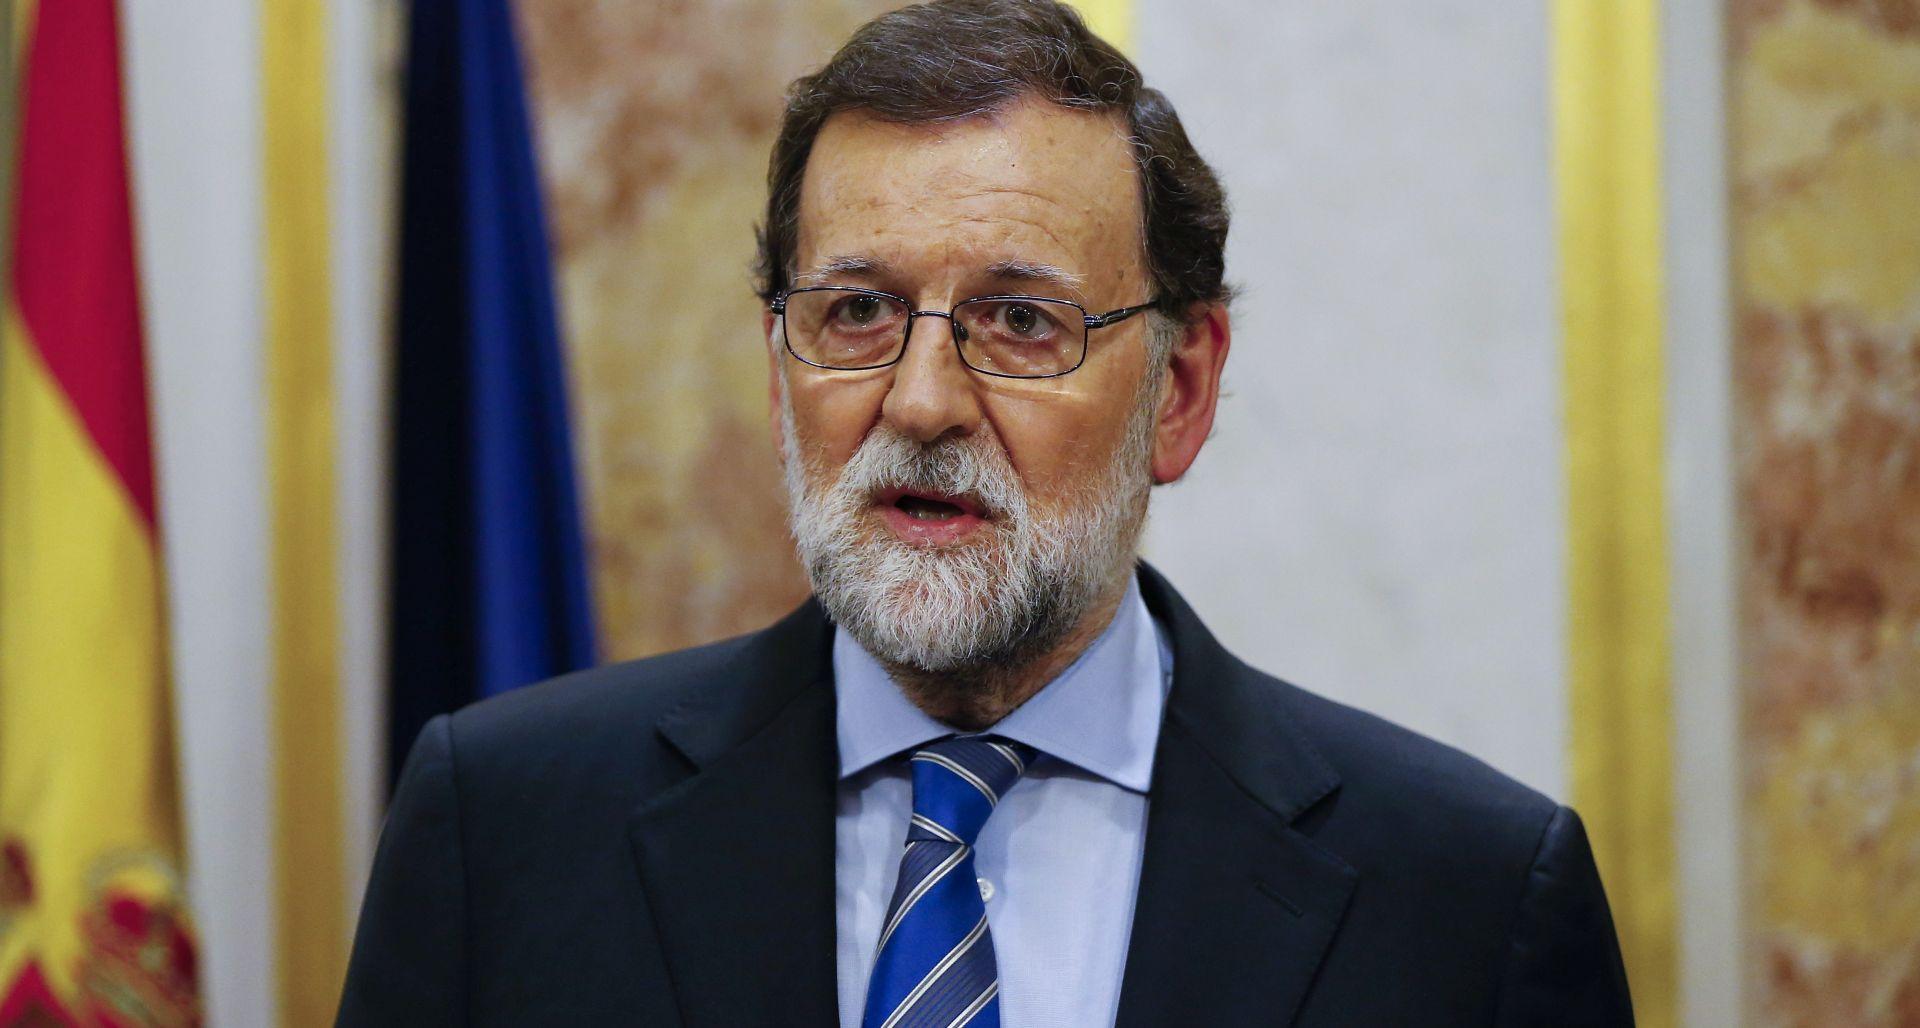 Španjolski parlament u petak glasa o povjerenju Rajoyu